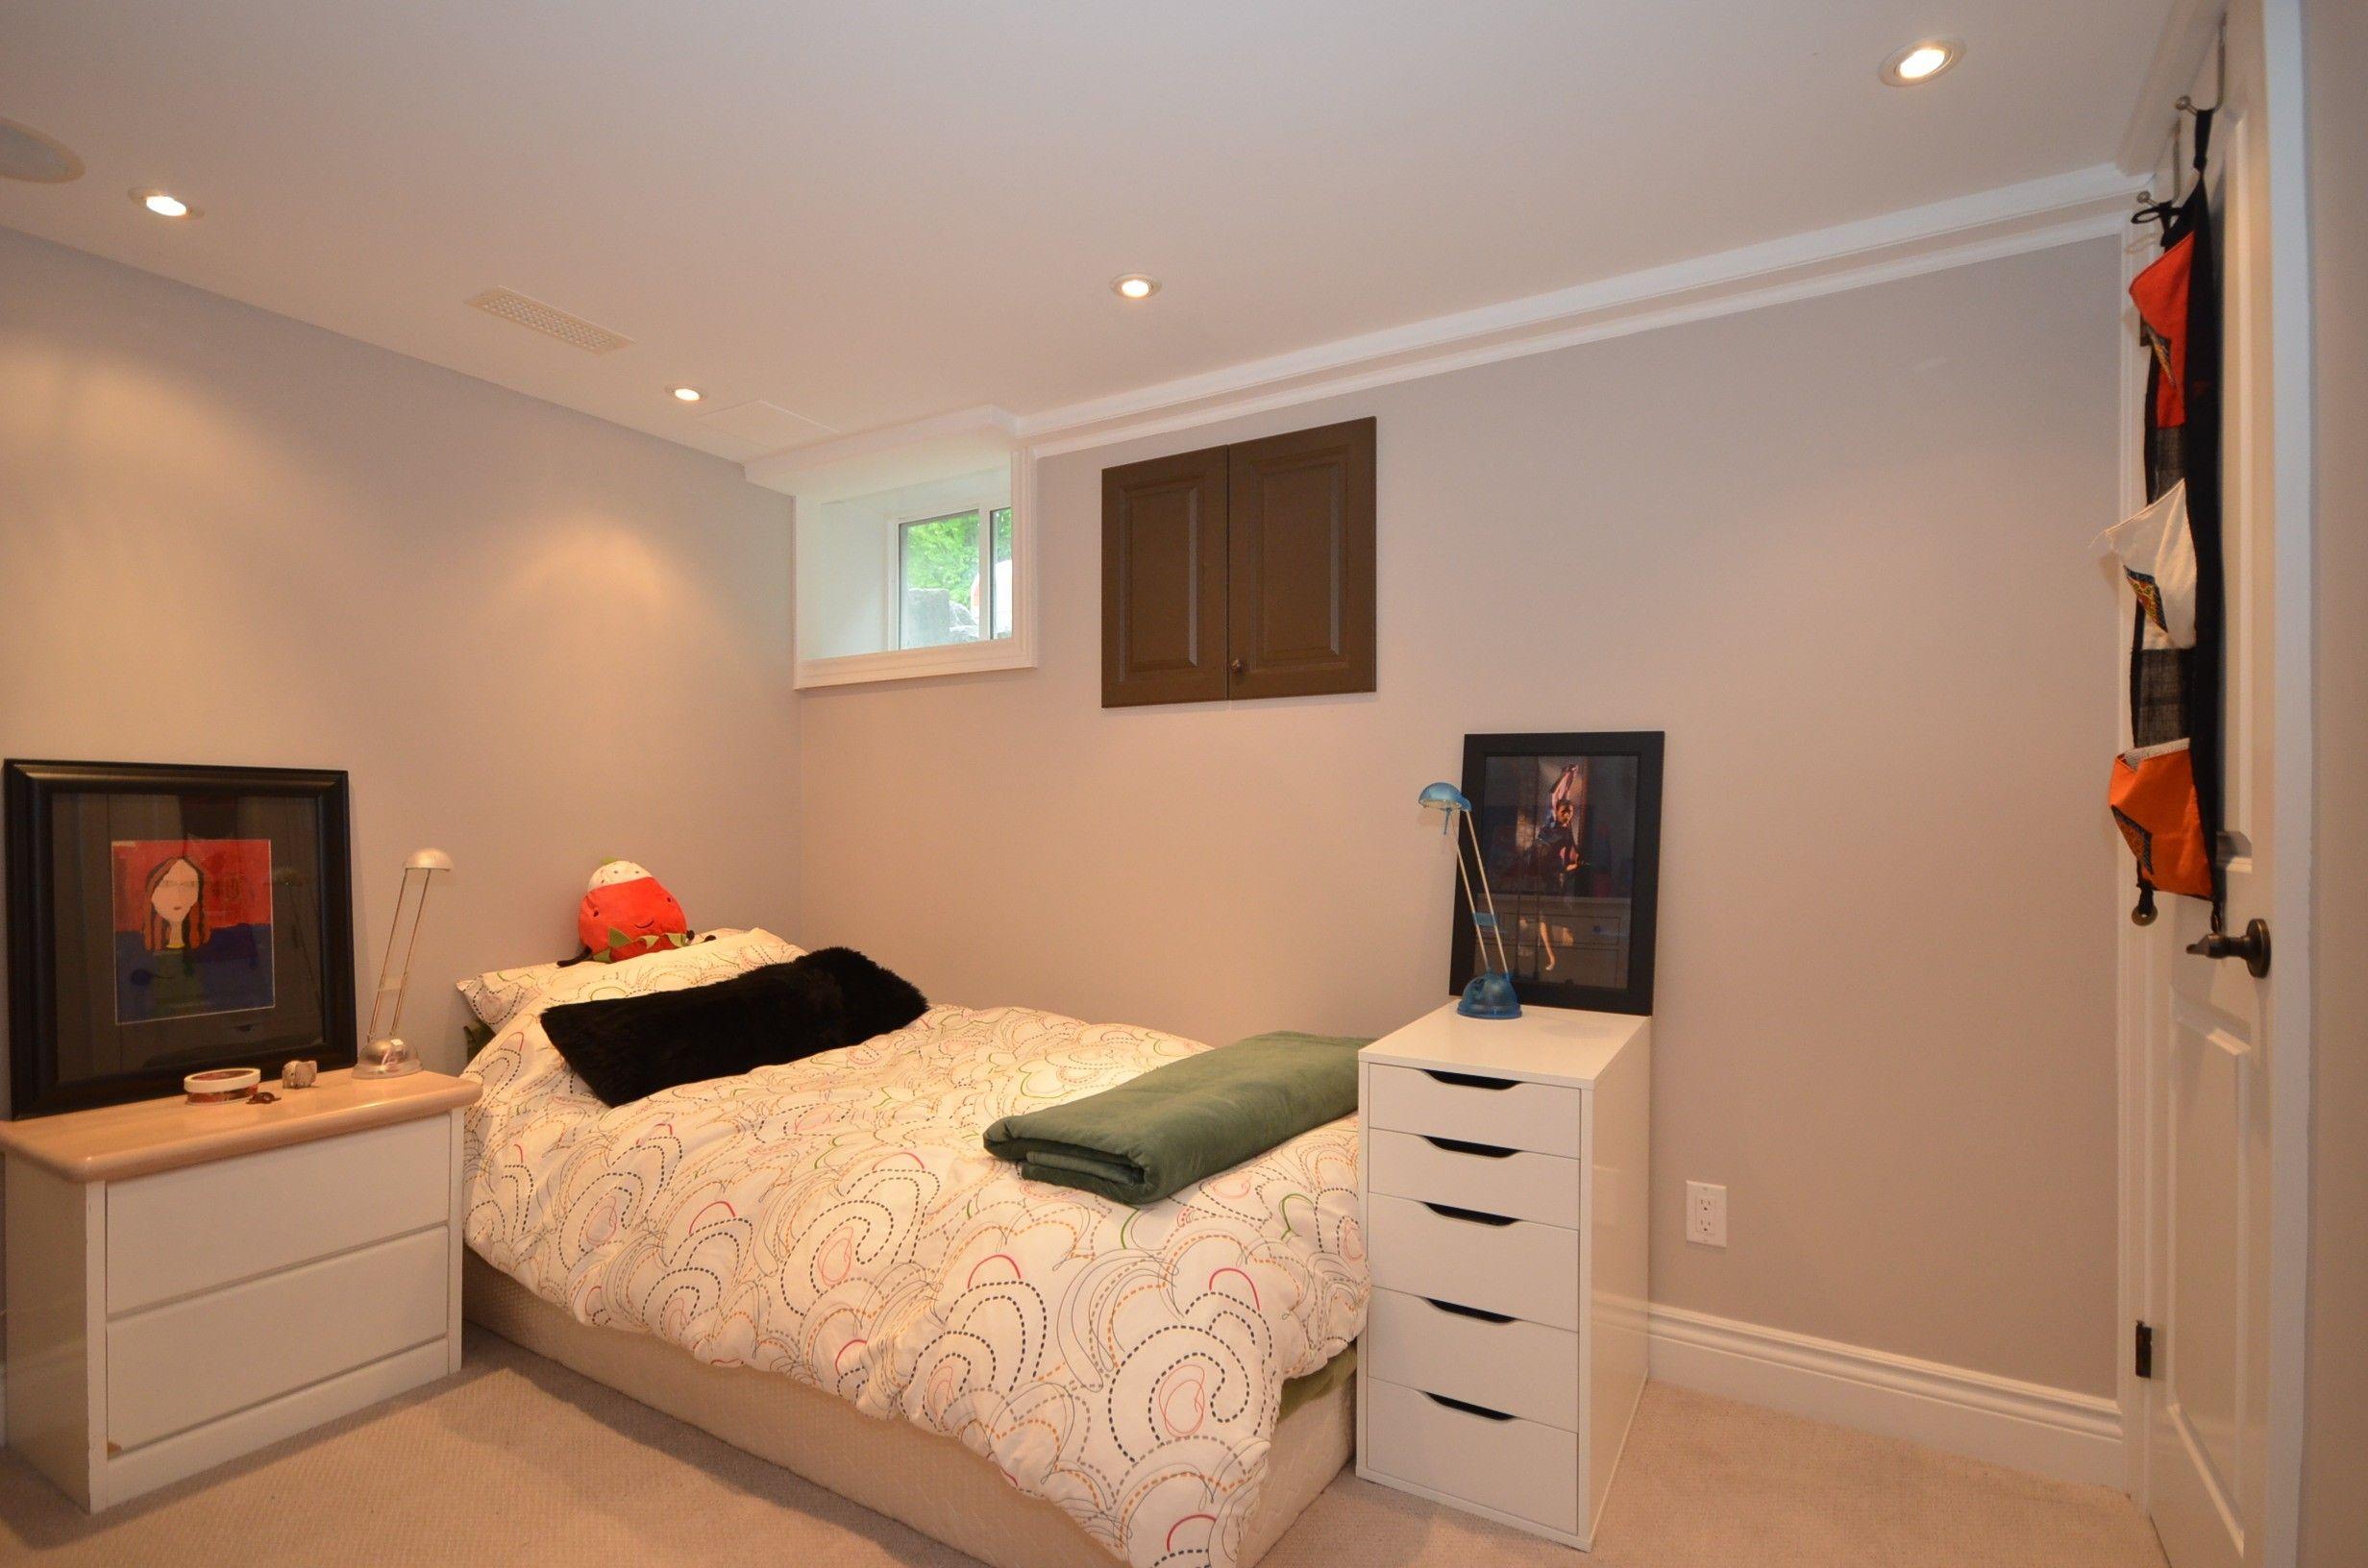 Master Schlafzimmer Leuchten Betten Fur Kleine Raume Schlafzimmerideen Fur Kleine Raume Ideen Fur Kleine Schlafzimmer